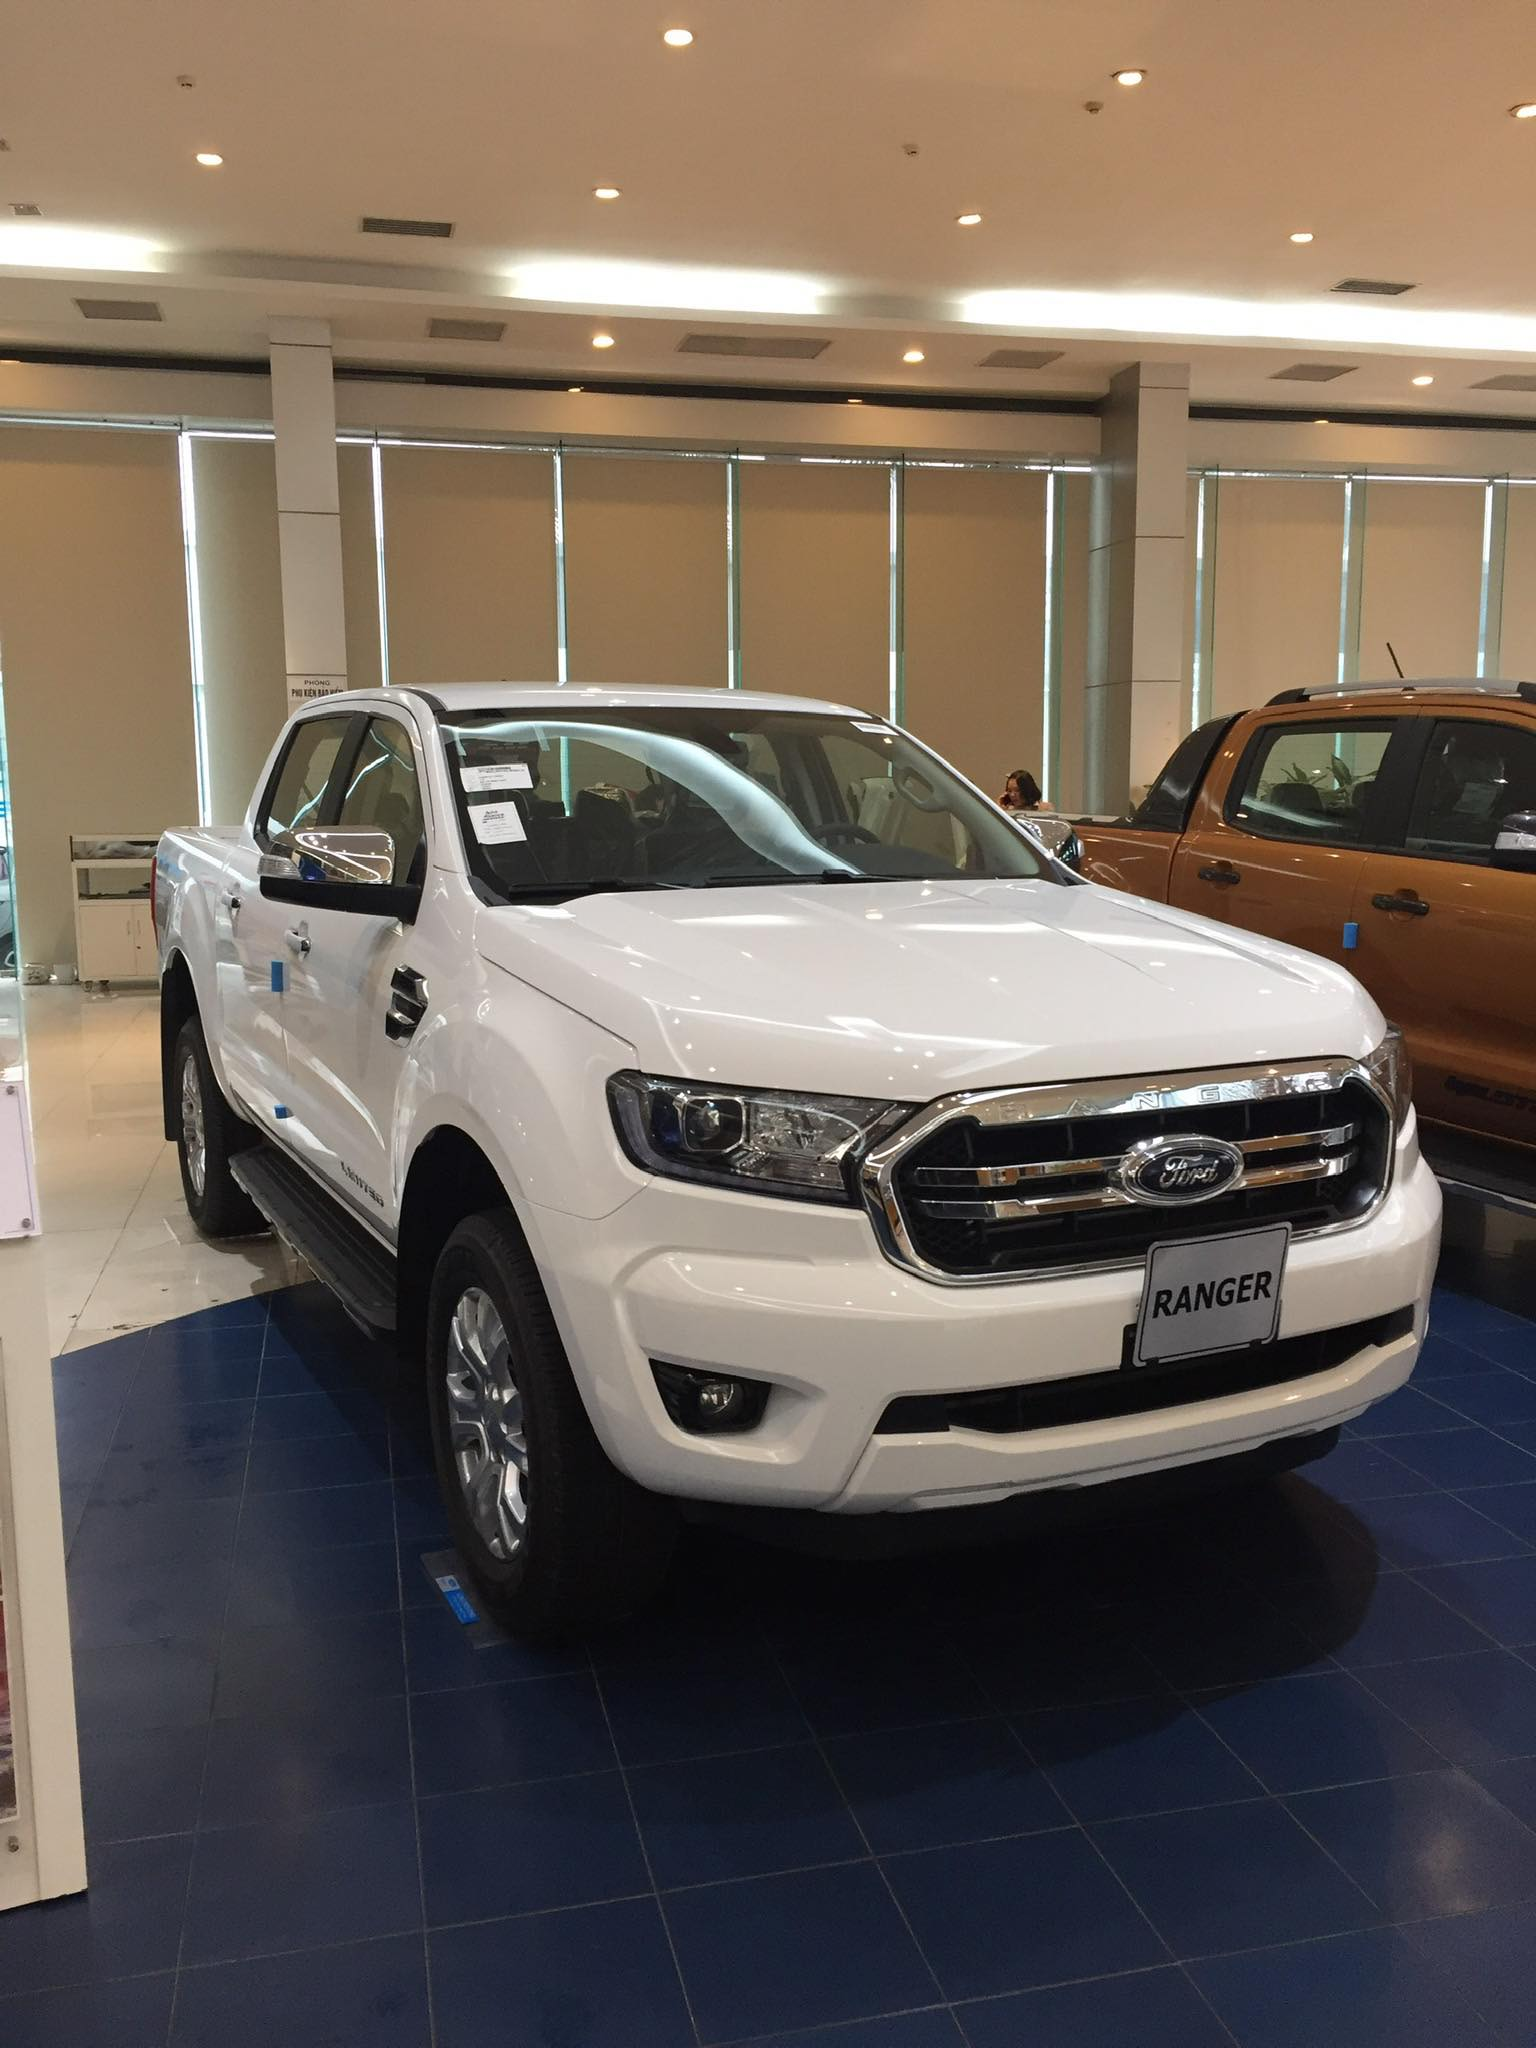 Ford Ranger XLT 2021 lắp ráp